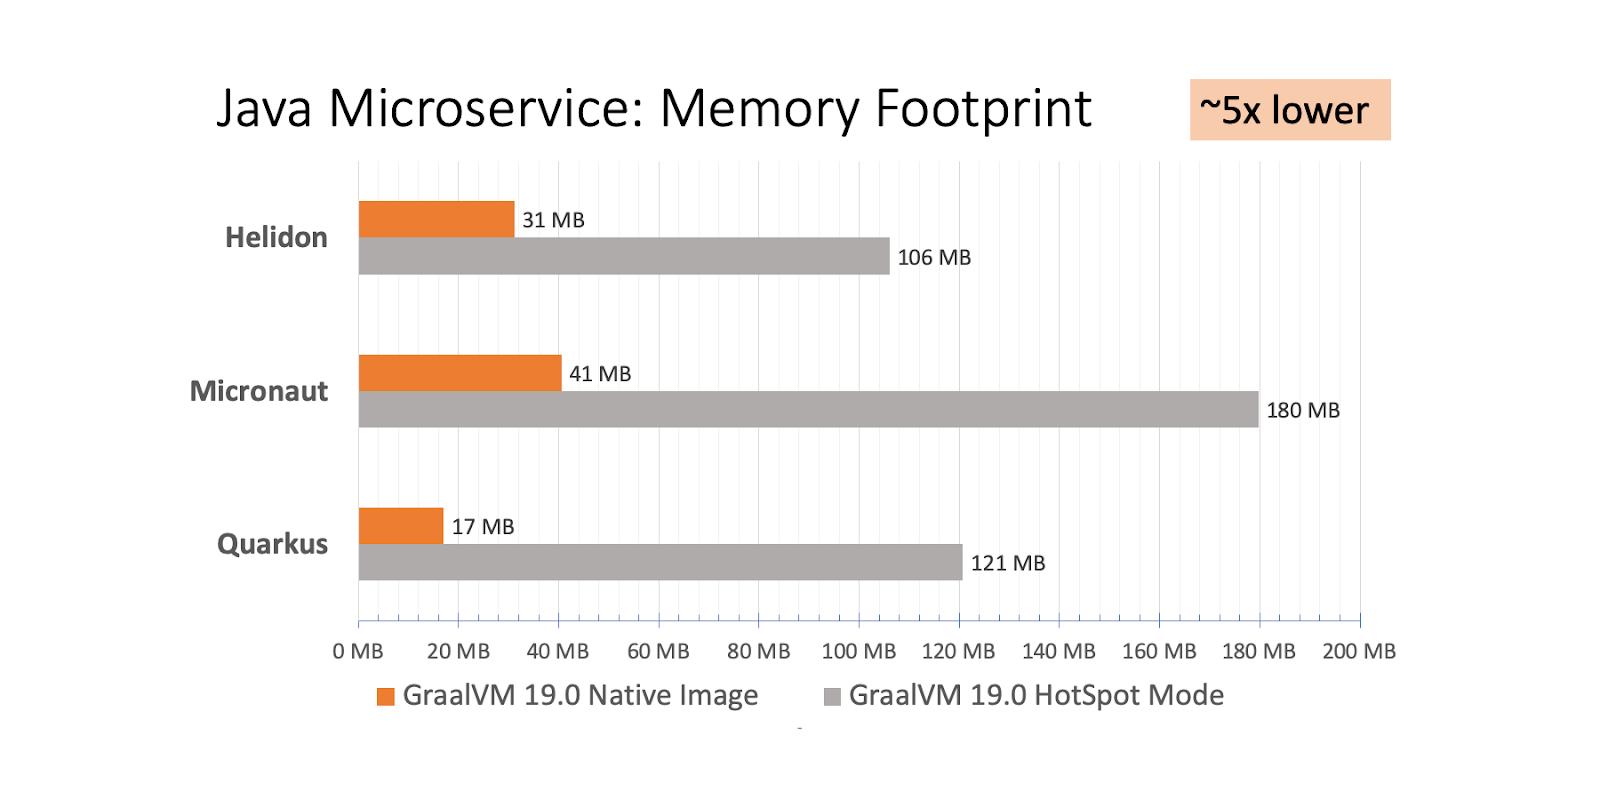 memory footprint